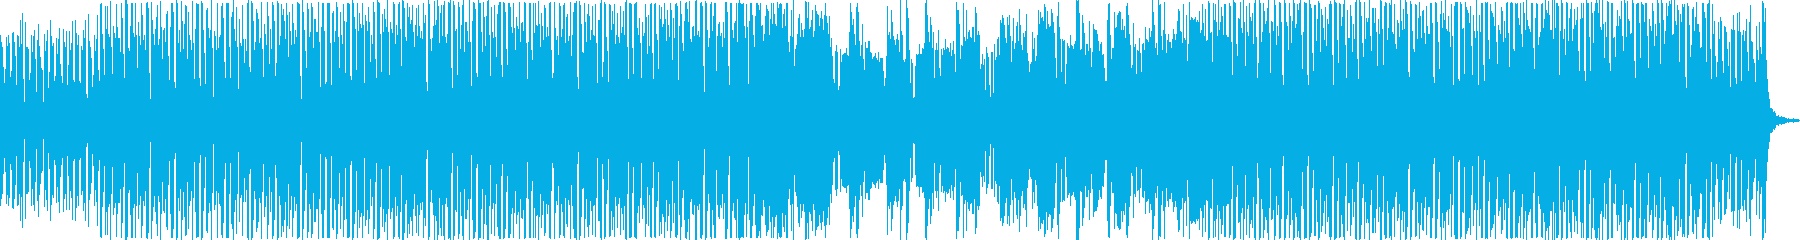 世界の融合/インド/ボリウッドポッ...の再生済みの波形